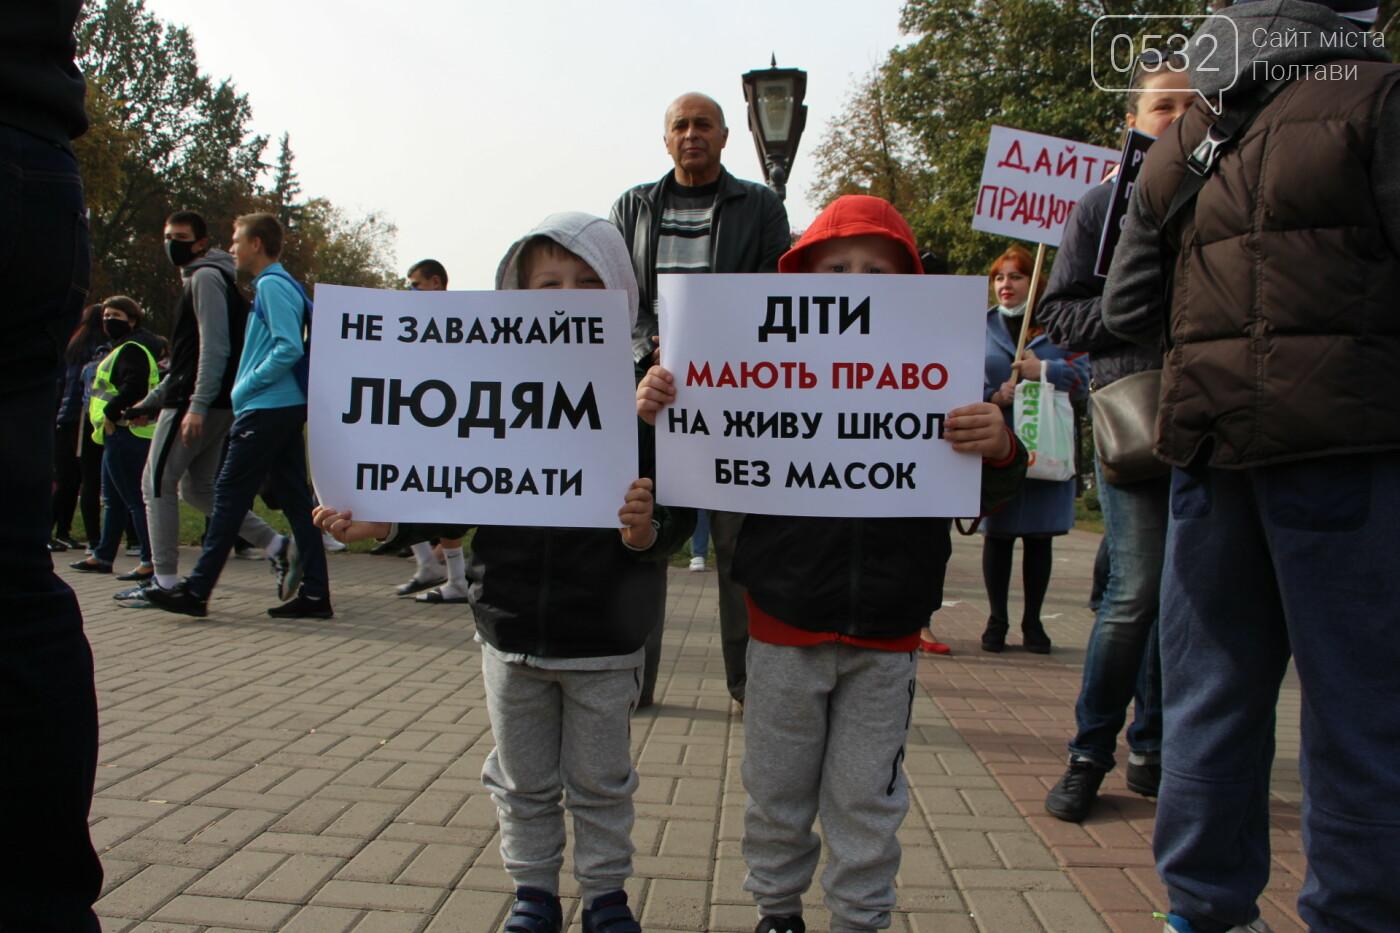 """Полтава вийшла проти """"червоної"""" зони: скільки людей і чого вимагають (ФОТОРЕПОРТАЖ), фото-14"""